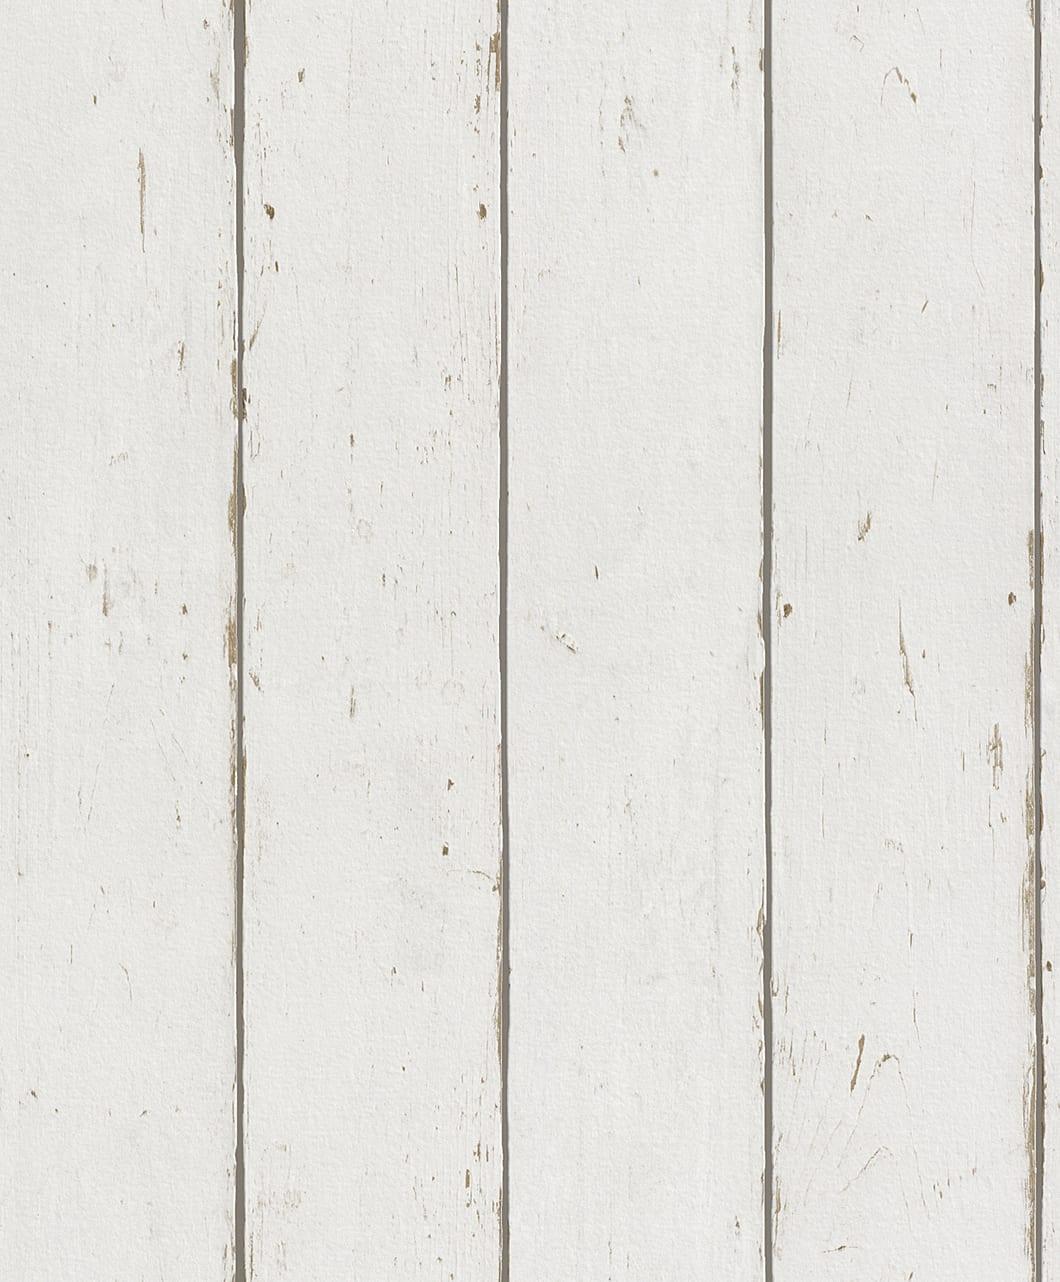 Papel mural madera 479638 Rasch